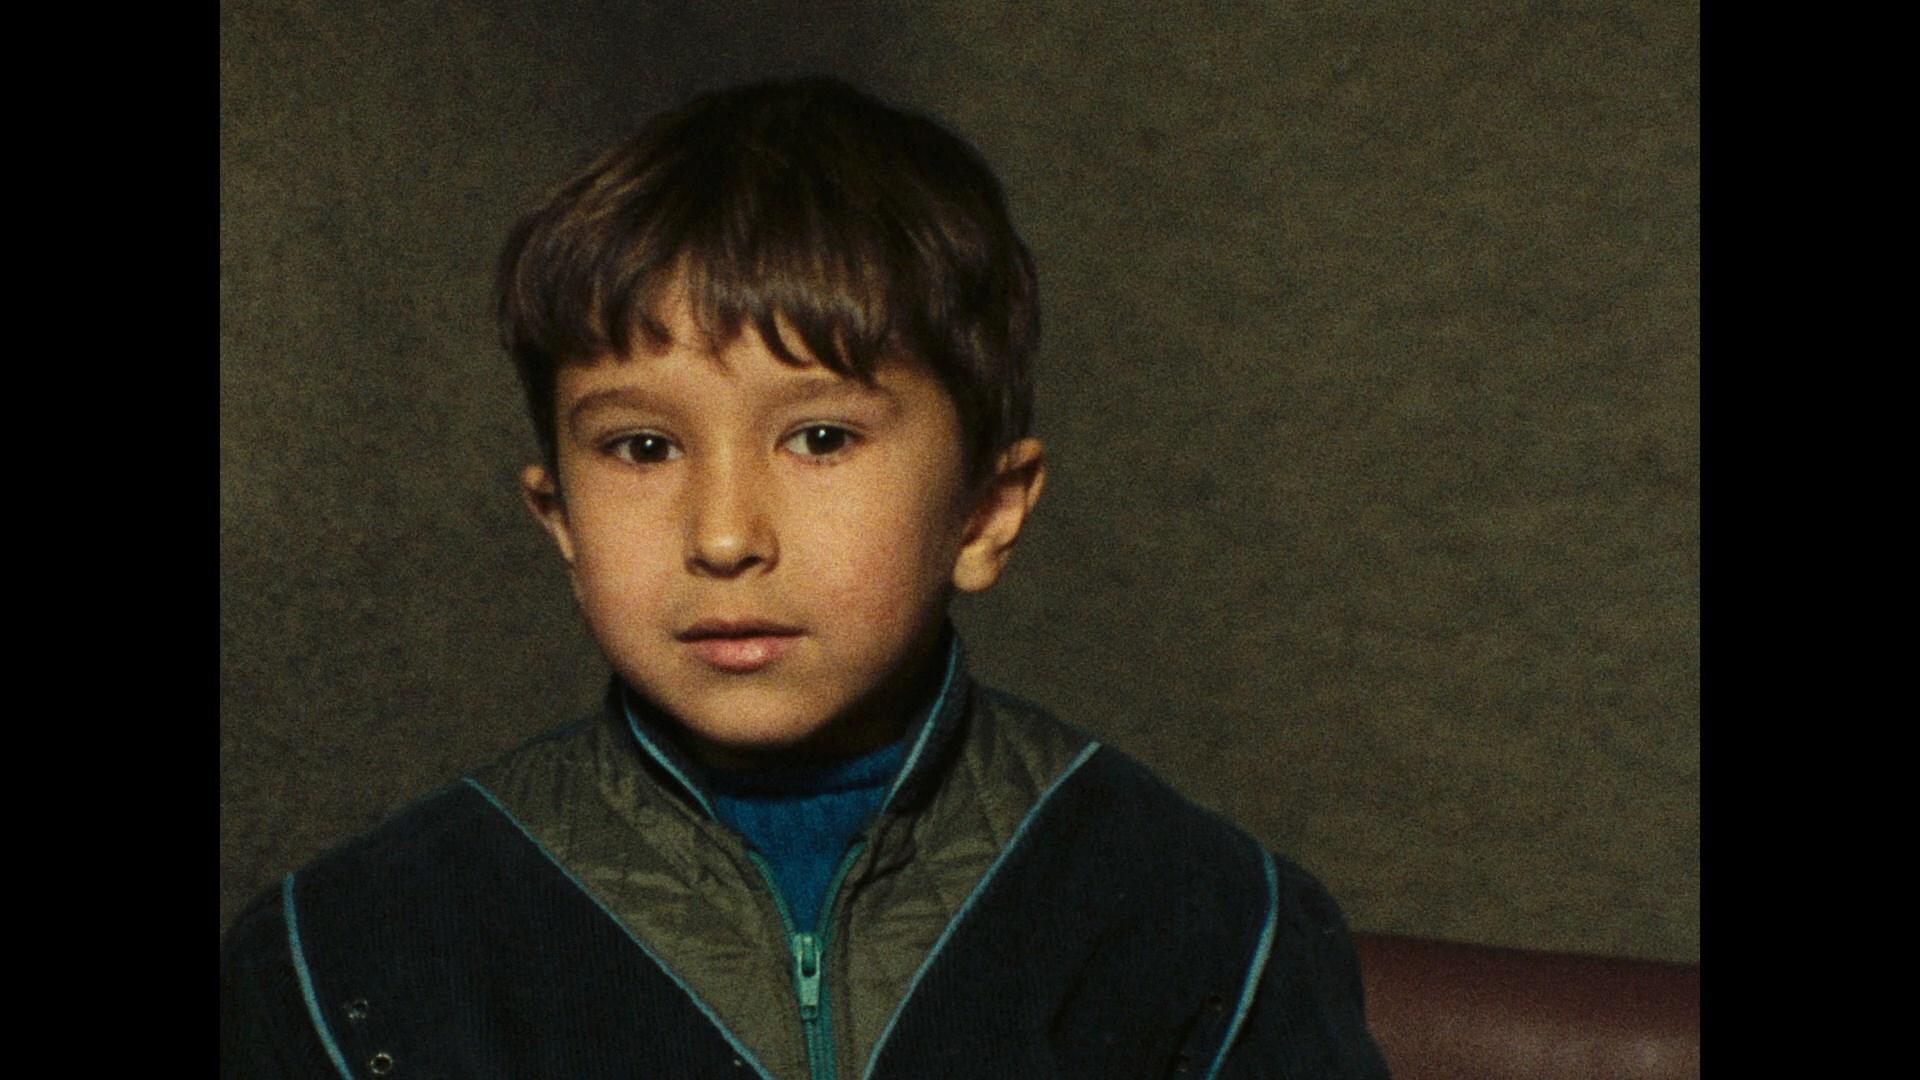 Mashgh-e Shab AKA Homework (1989)